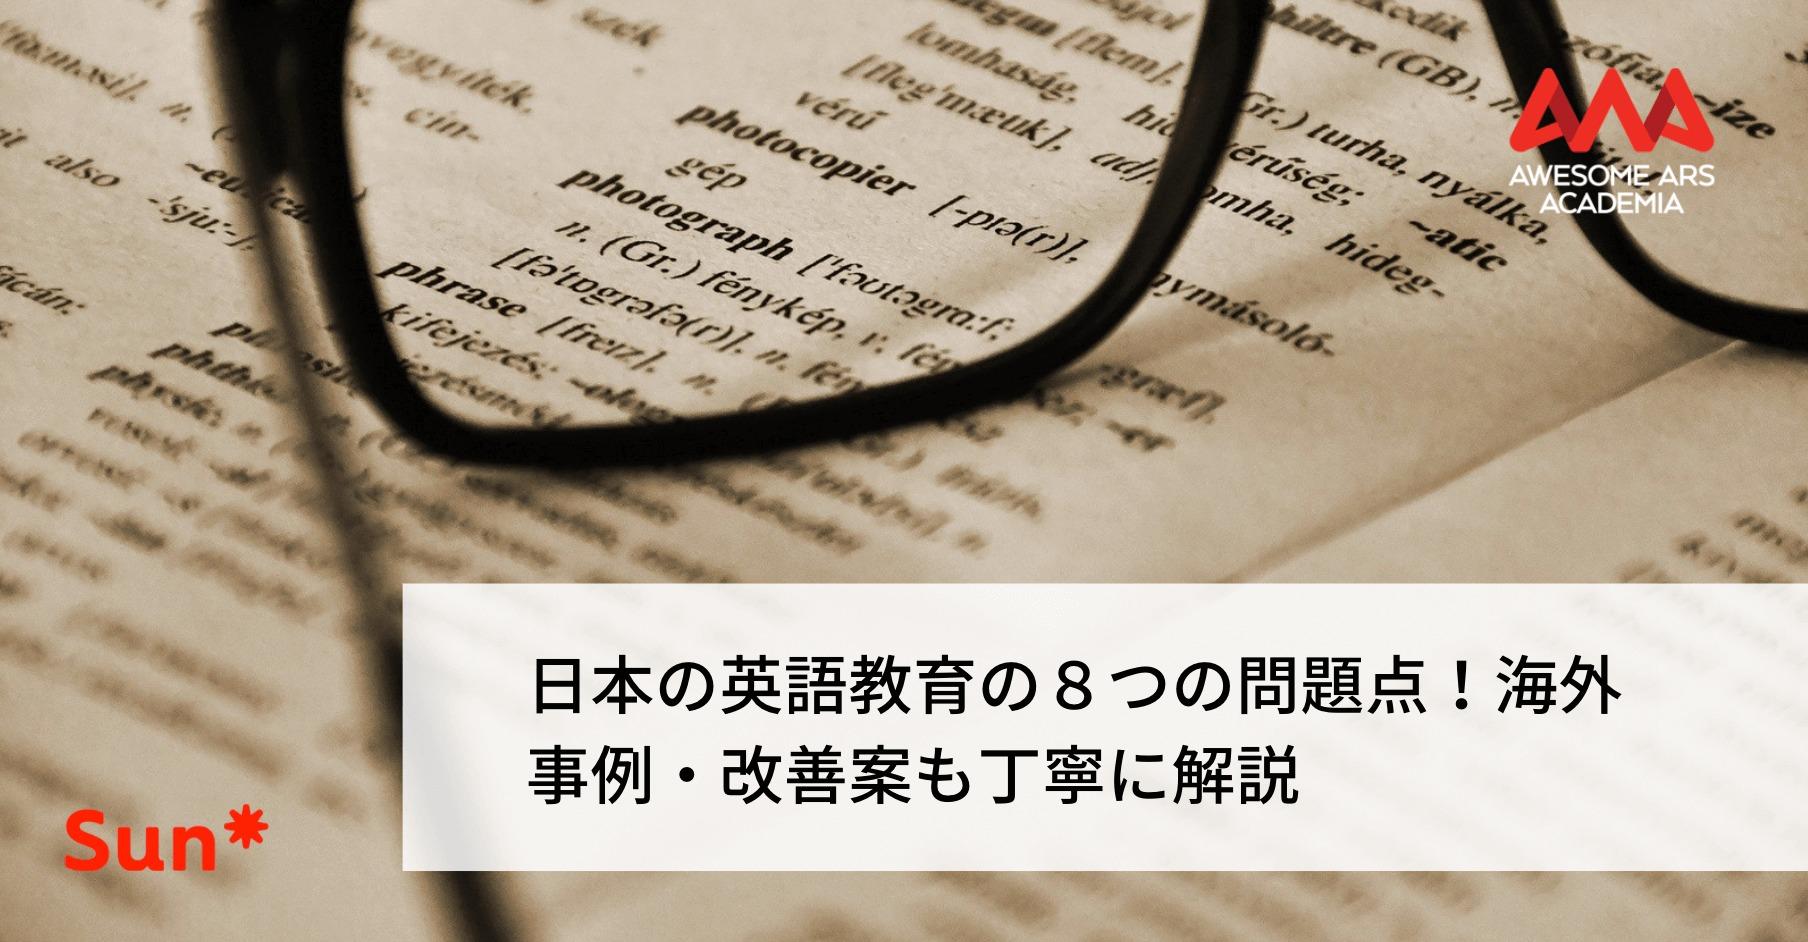 日本英語教育の課題点